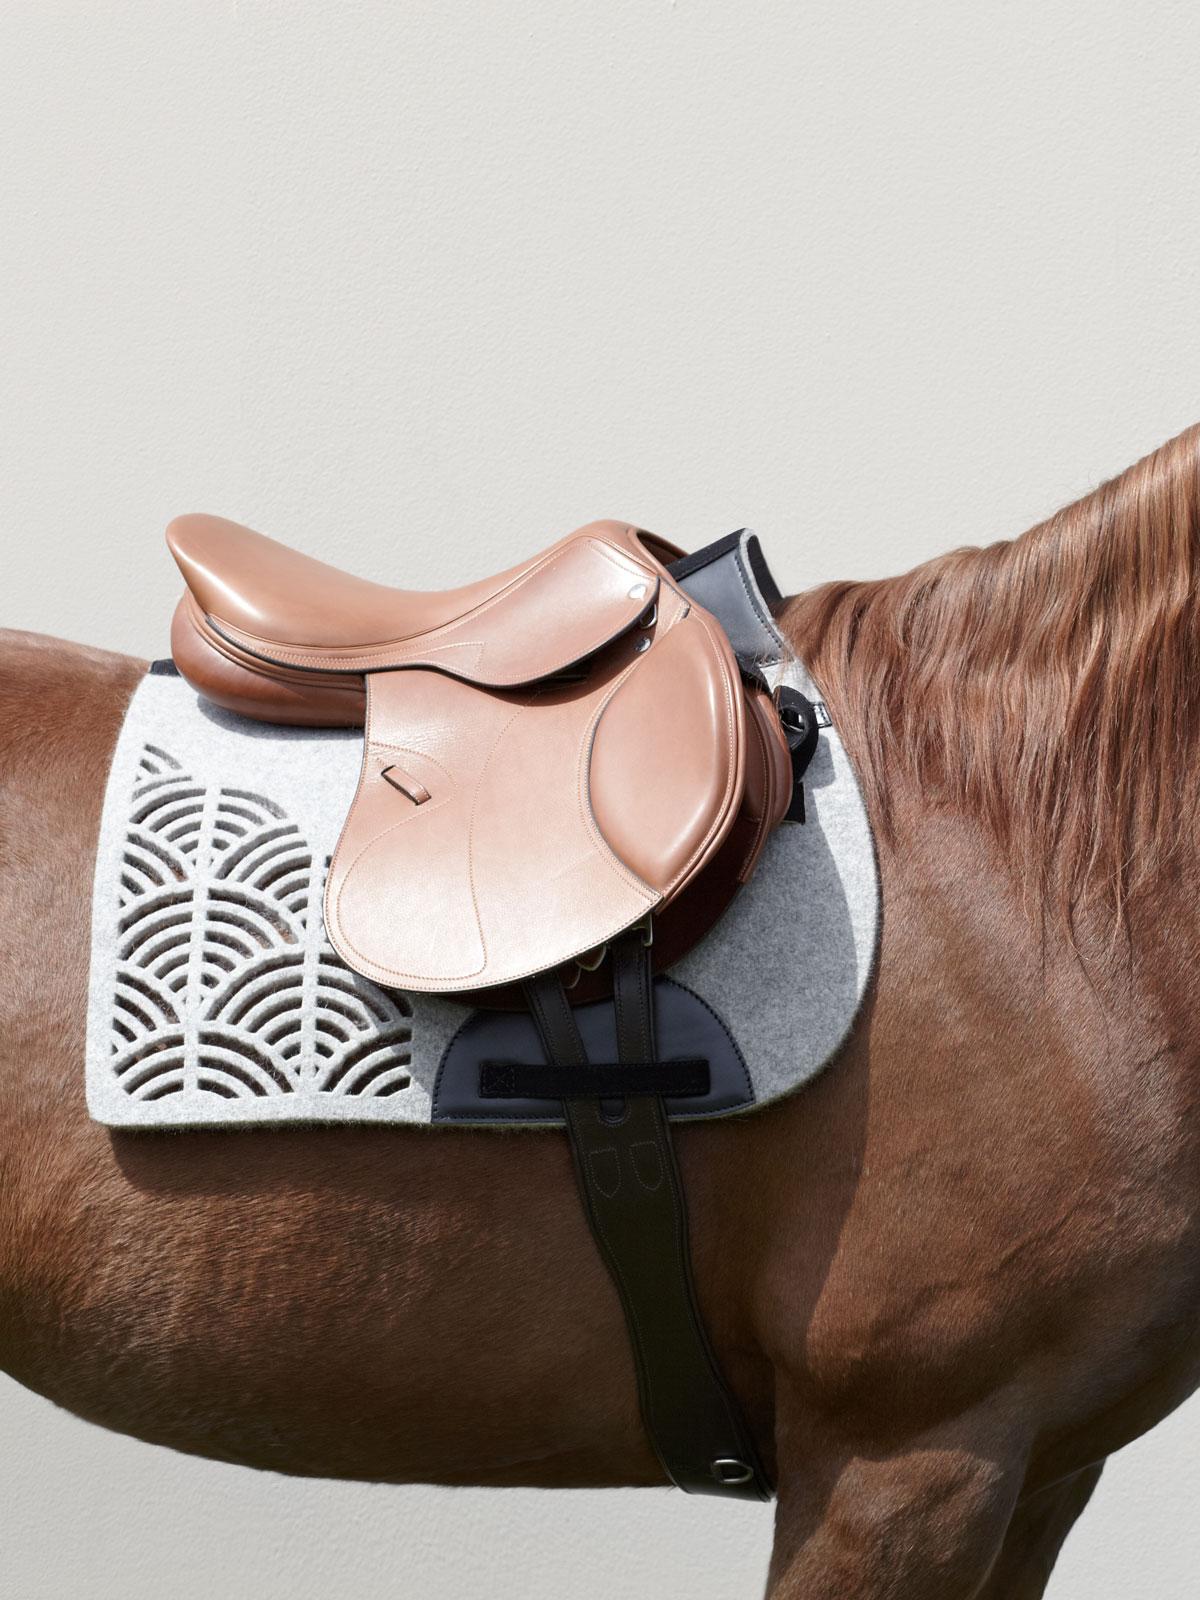 pure wool felt saddle pad